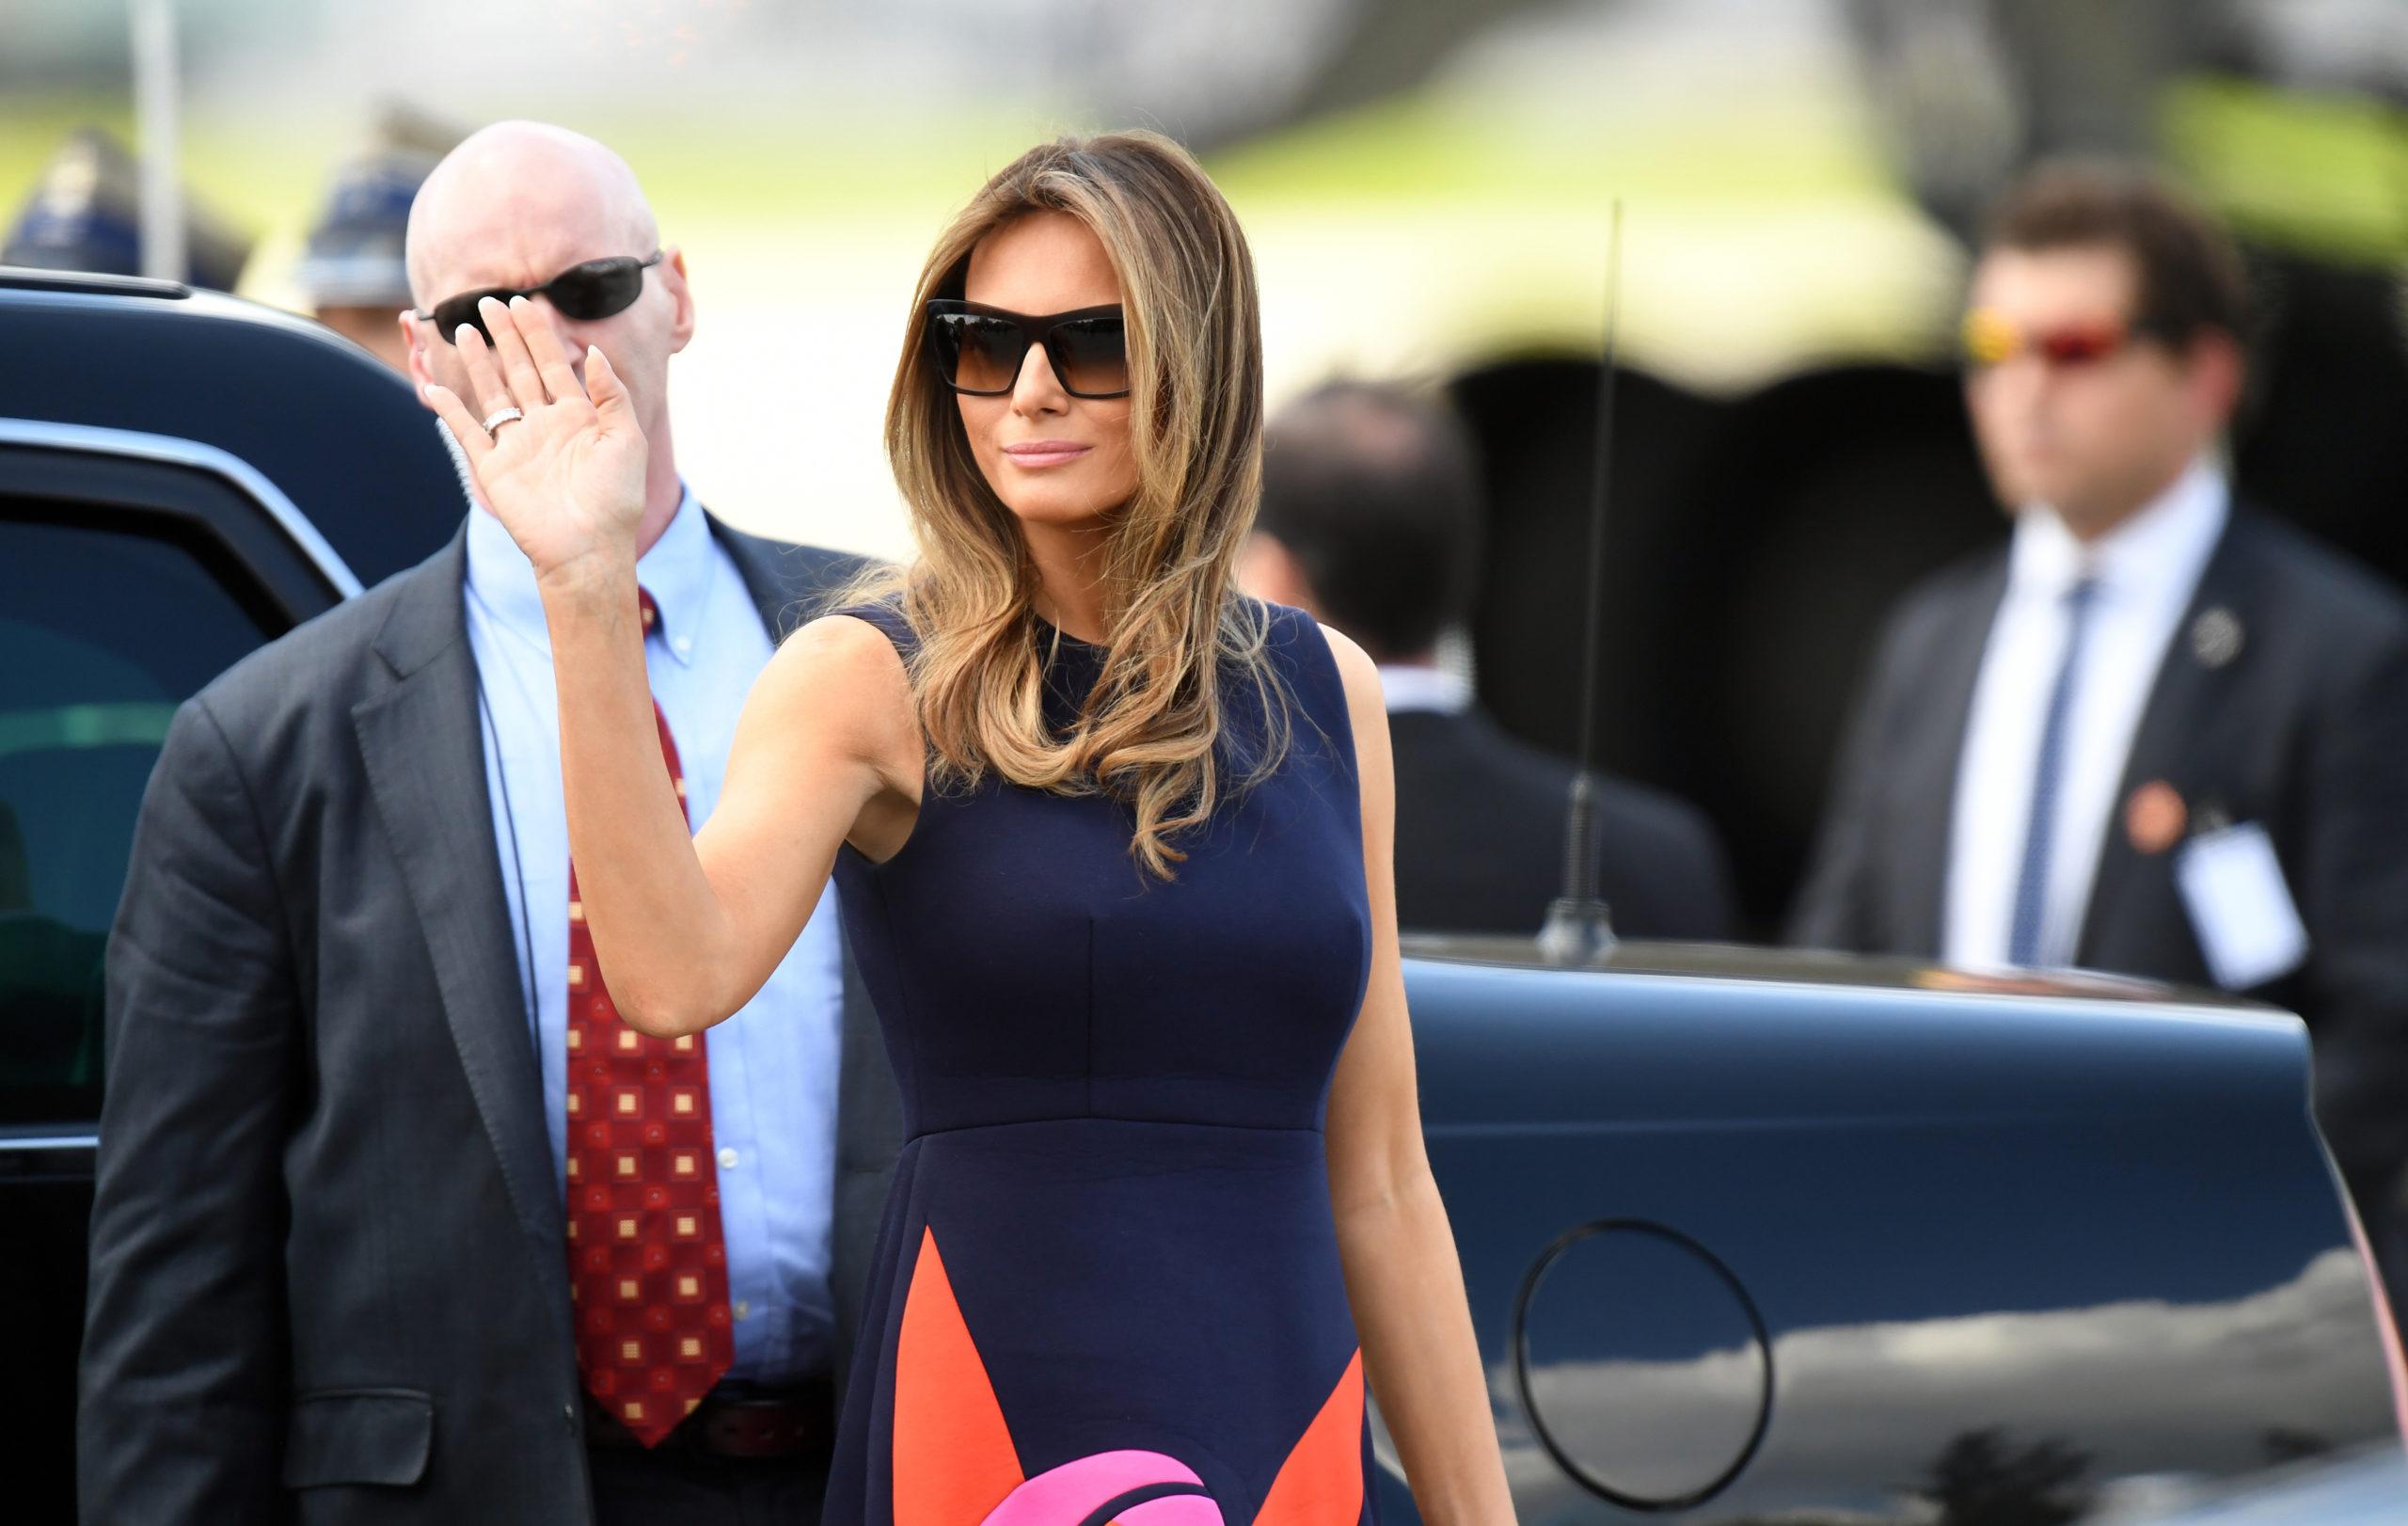 La Première dame des États-Unis, Melania Trump, remet le Prix international du courage féminin 2017 à Cindy Arlette Contreras Bautista, originaire du Pérou. (© Maciej Gillert )